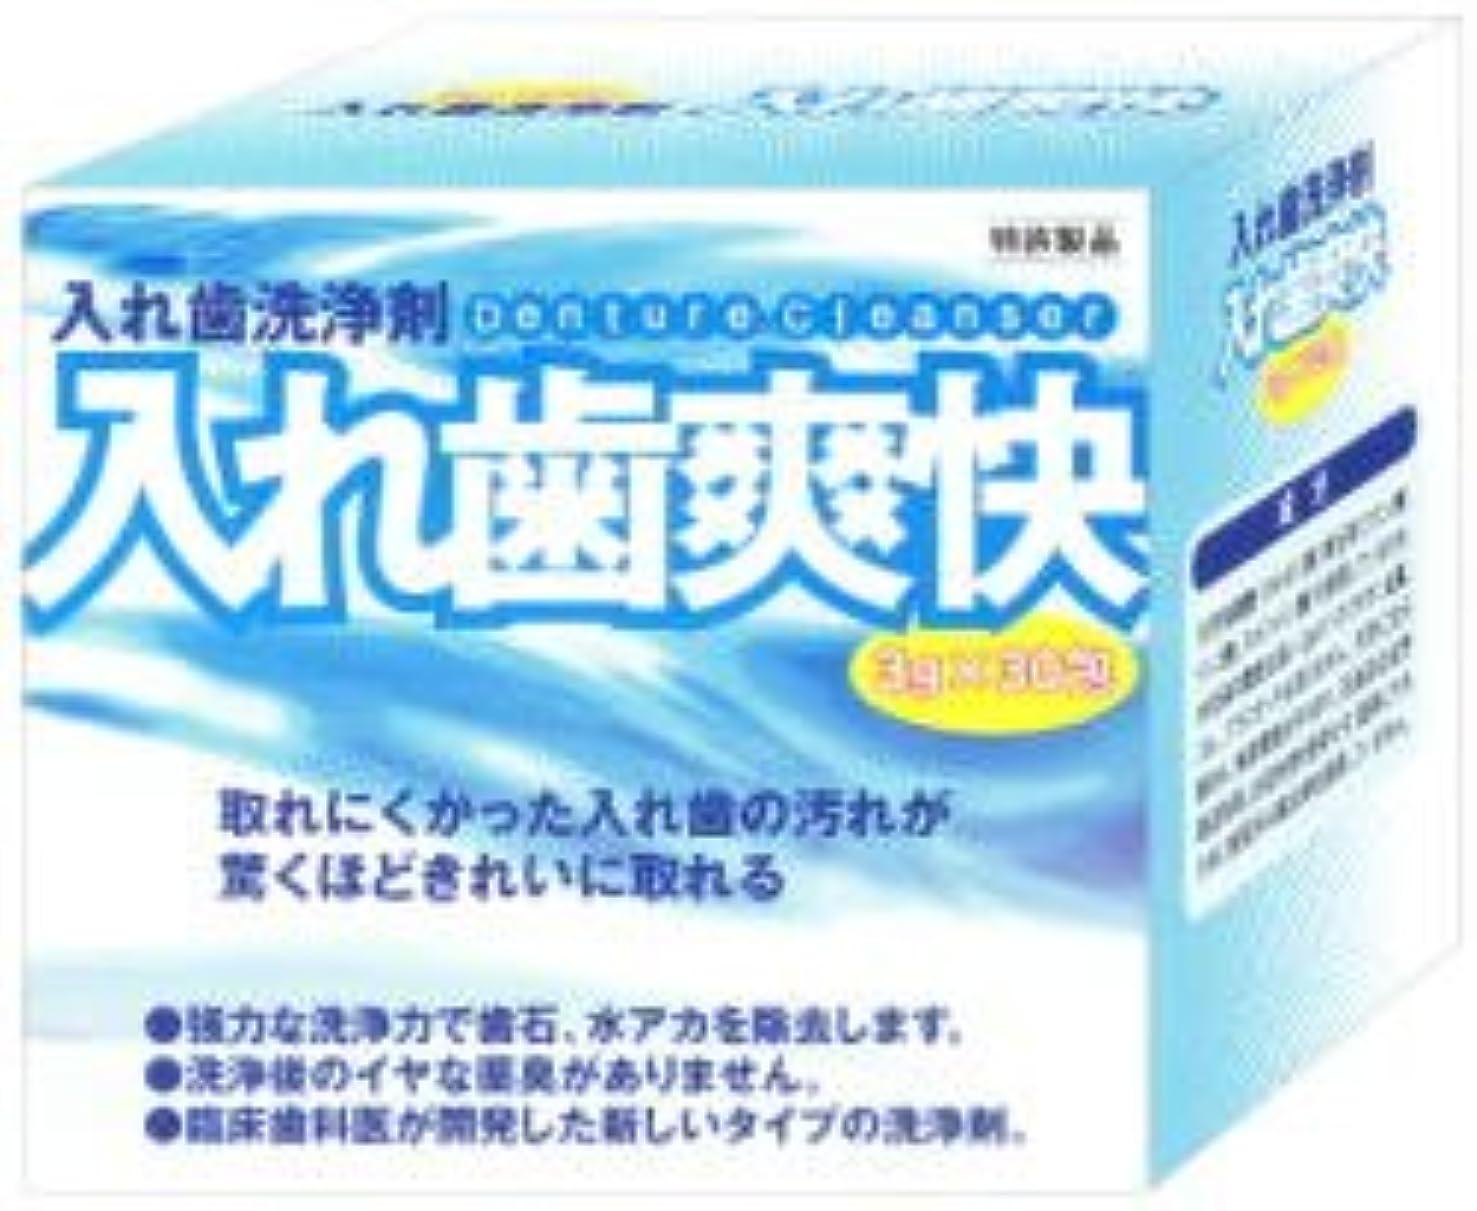 昨日住人粒子【和田精密歯研】【歯科用】入れ歯爽快 1箱 3g×30包【義歯洗浄剤】